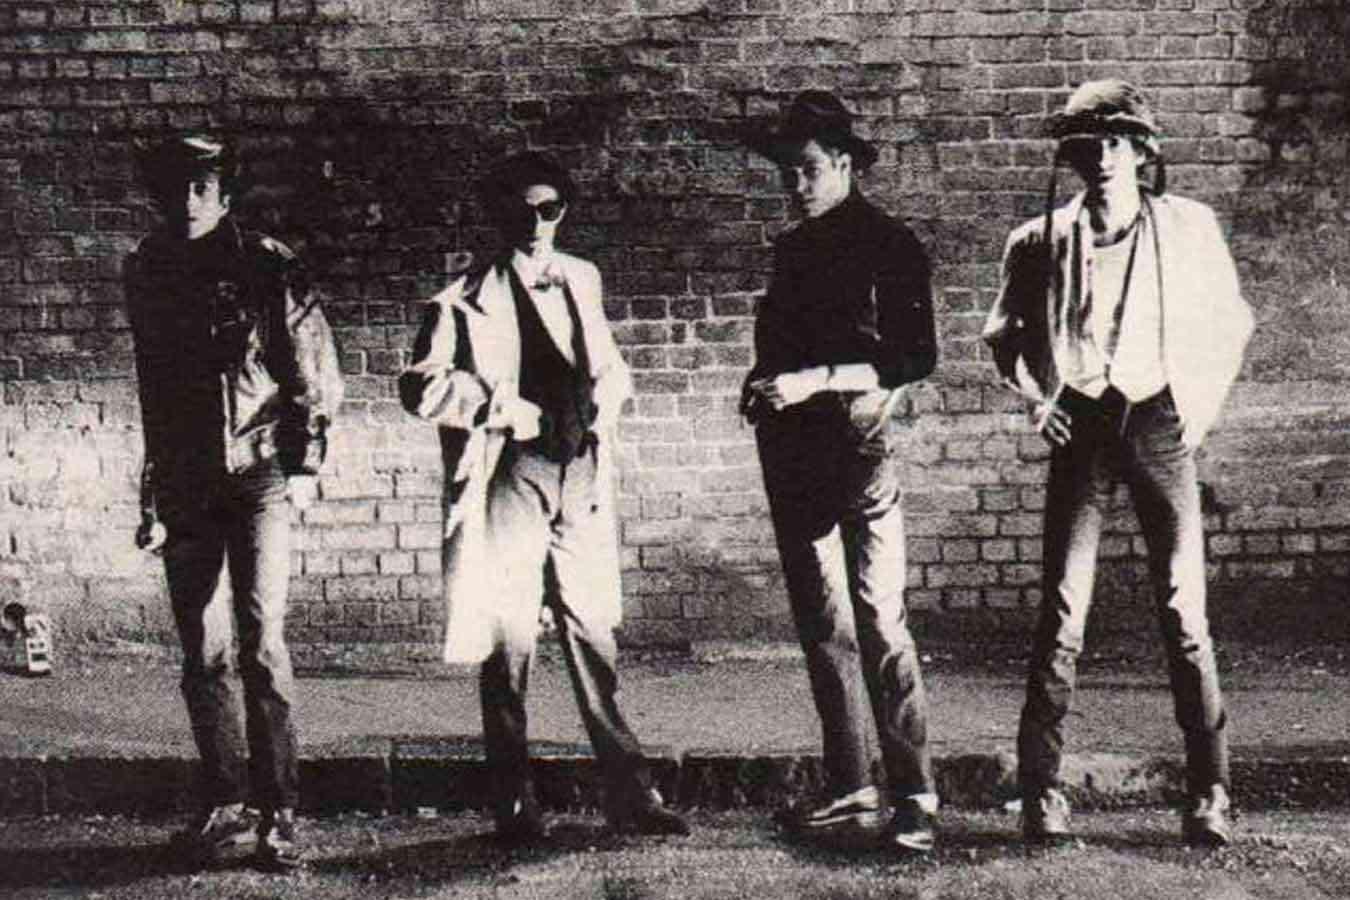 Sandinista! L'album dei The Clash compie 40 anni